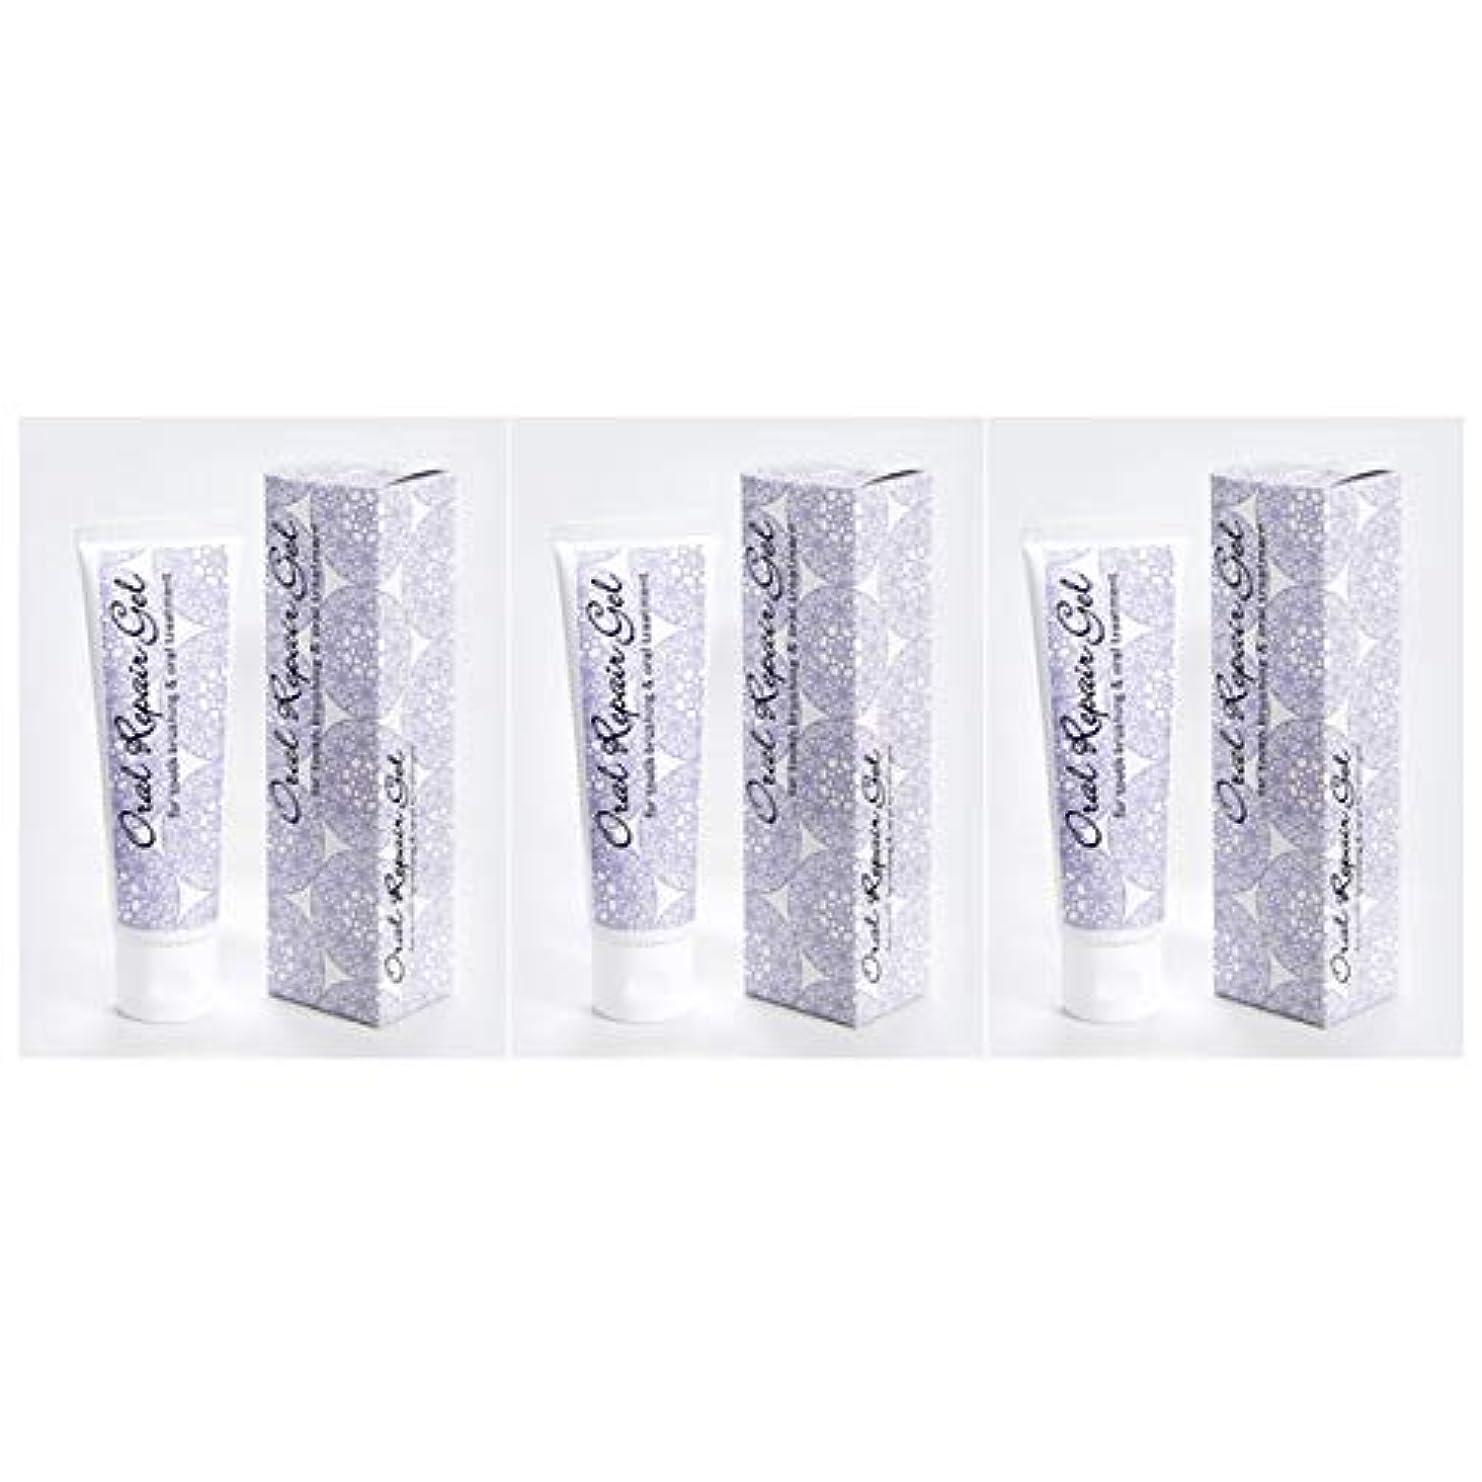 ネックレス着替える資産オーラルリペアジェル3個セット(80g×3個) 天然アパタイト+乳酸菌生産物質配合の無添加歯磨き剤